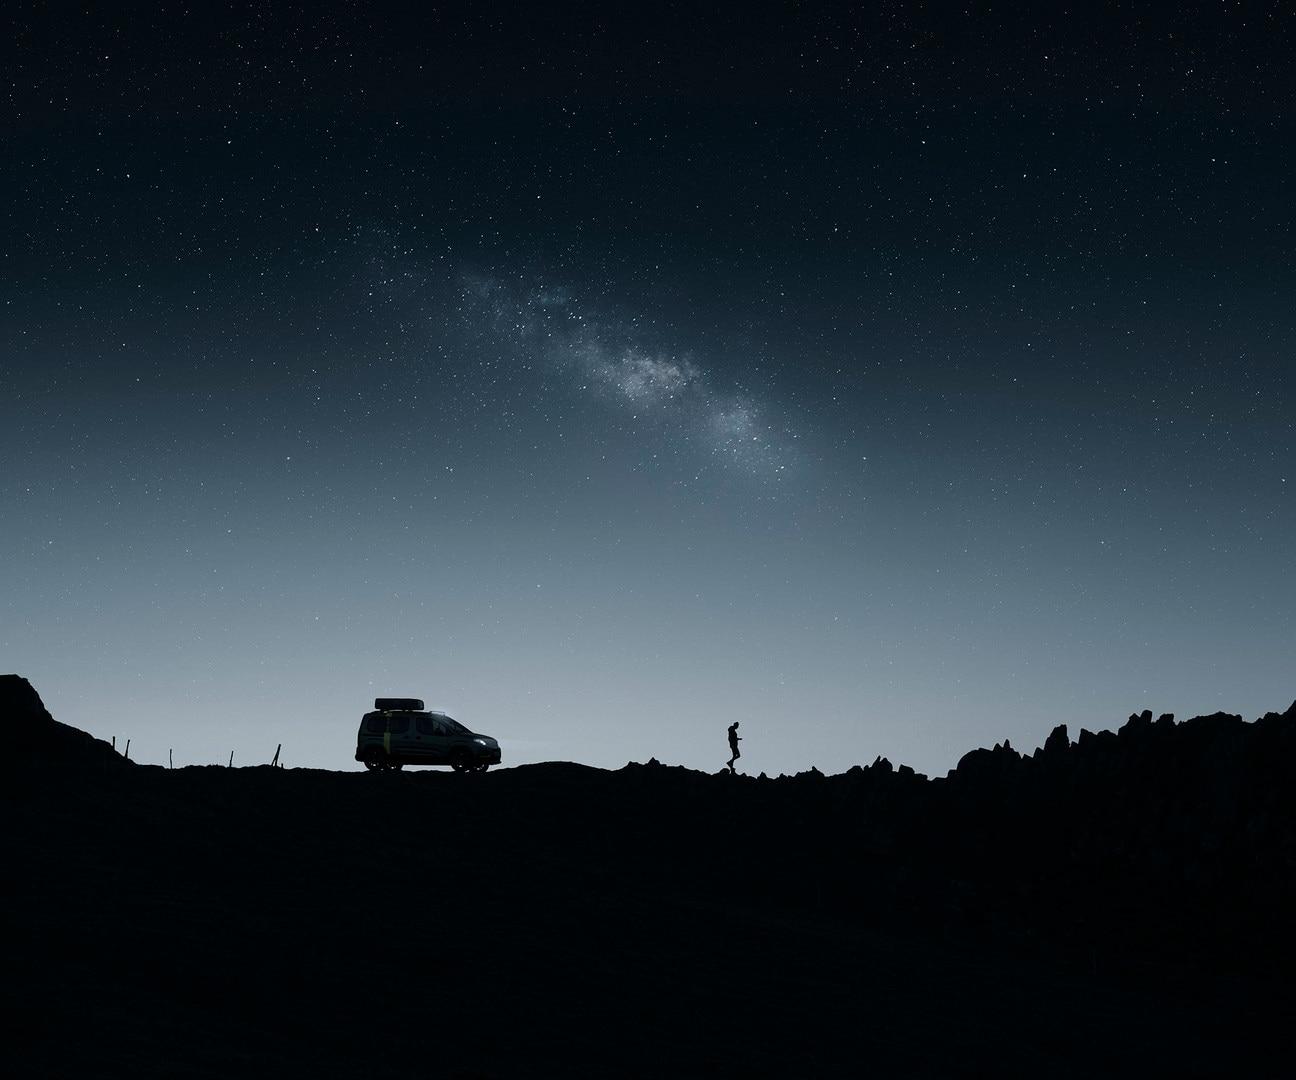 PEUGEOT RIFTER 4x4 Concept – Vue profil dans la nuit